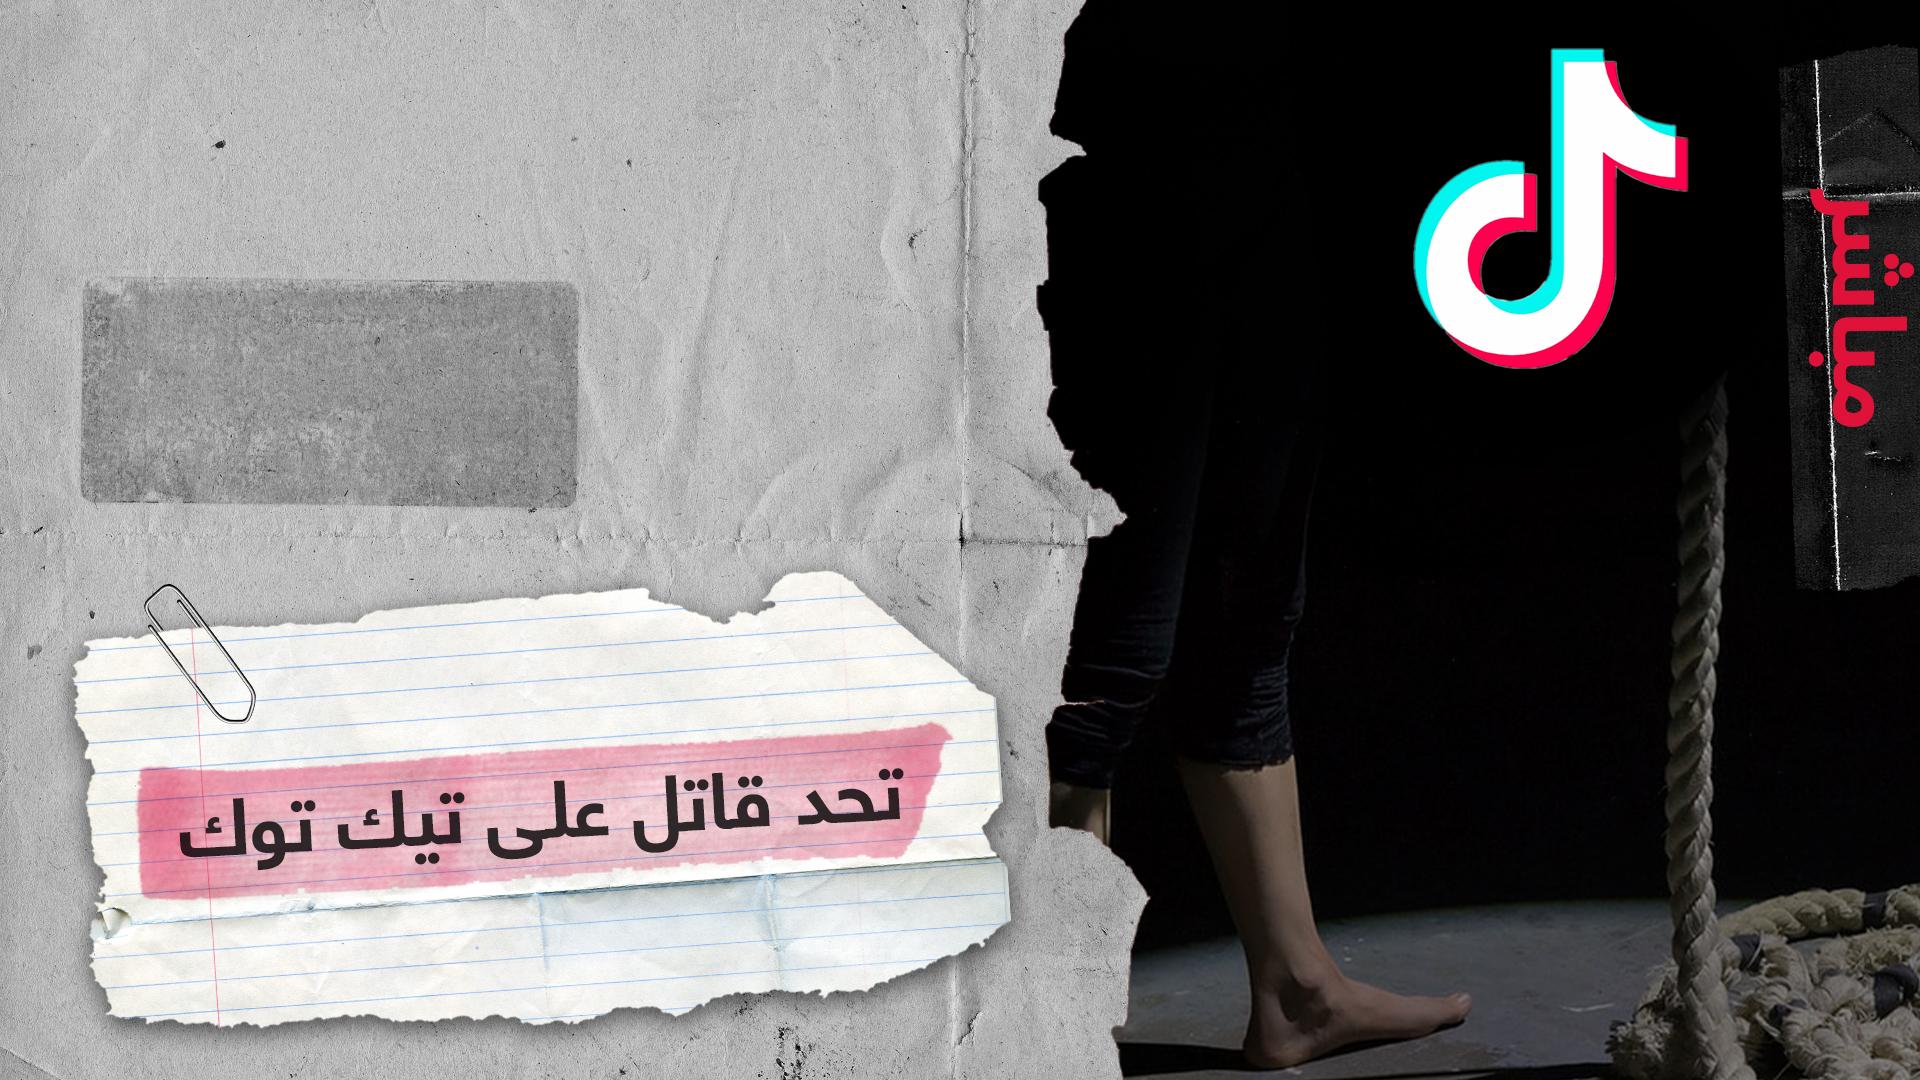 """وفاة طفل مصري شنق نفسه وأصابع الاتهام  تشير إلى تحد على تطبيق """"تيك توك"""""""